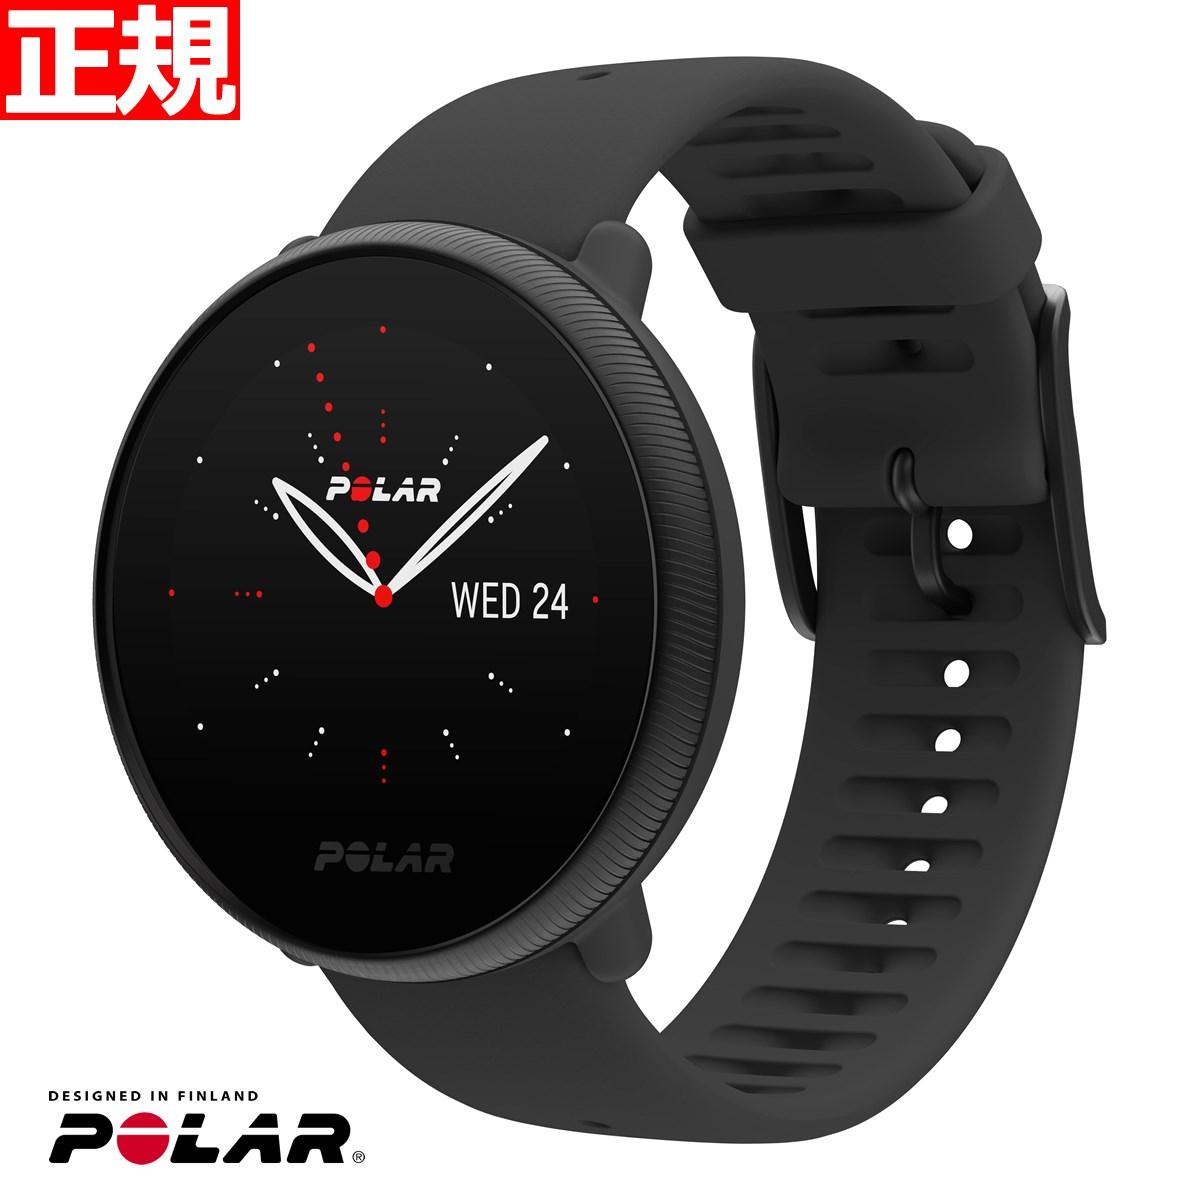 [正規品][送料無料][ラッピング無料] 【店内ポイント最大34.5倍!】POLAR ポラール IGNITE2 イグナイト2 ブラックパール S-Lサイズ 90085182 腕時計 GPS フィットネス スマートウォッチ ウェアラブル 心拍 活動量計 日本正規品【2021 新作】